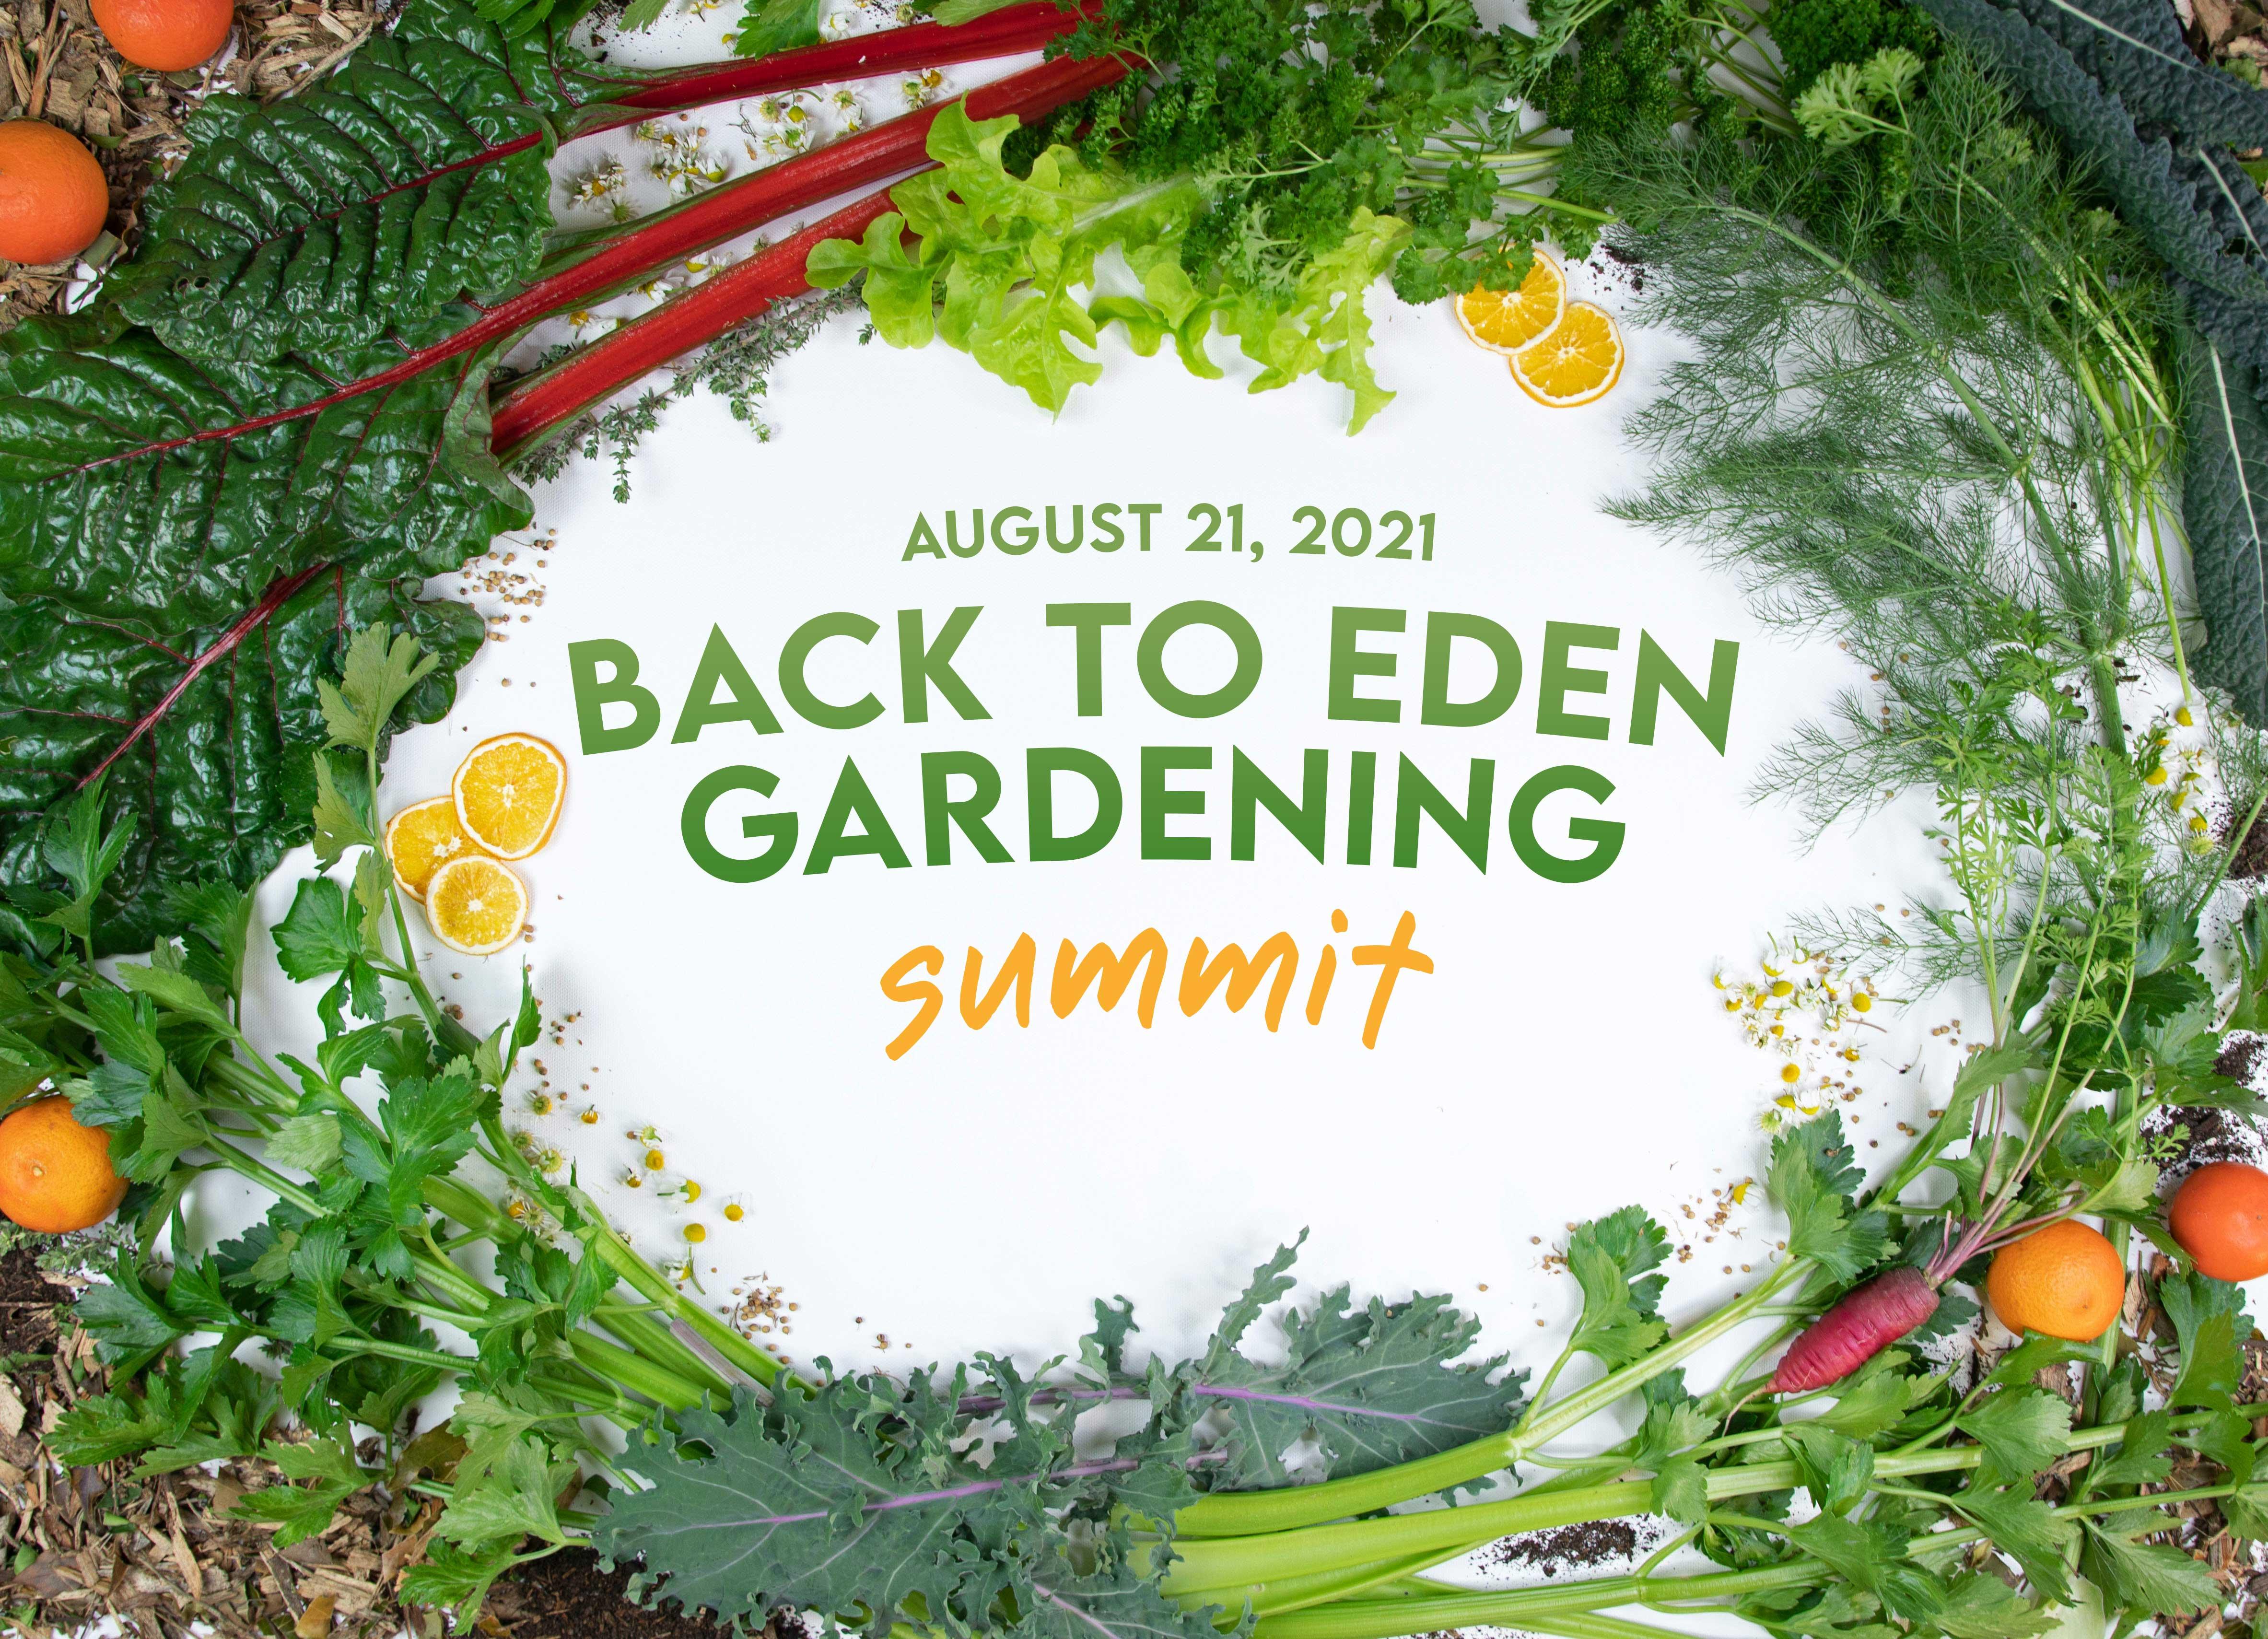 Back to Eden Gardening Summit